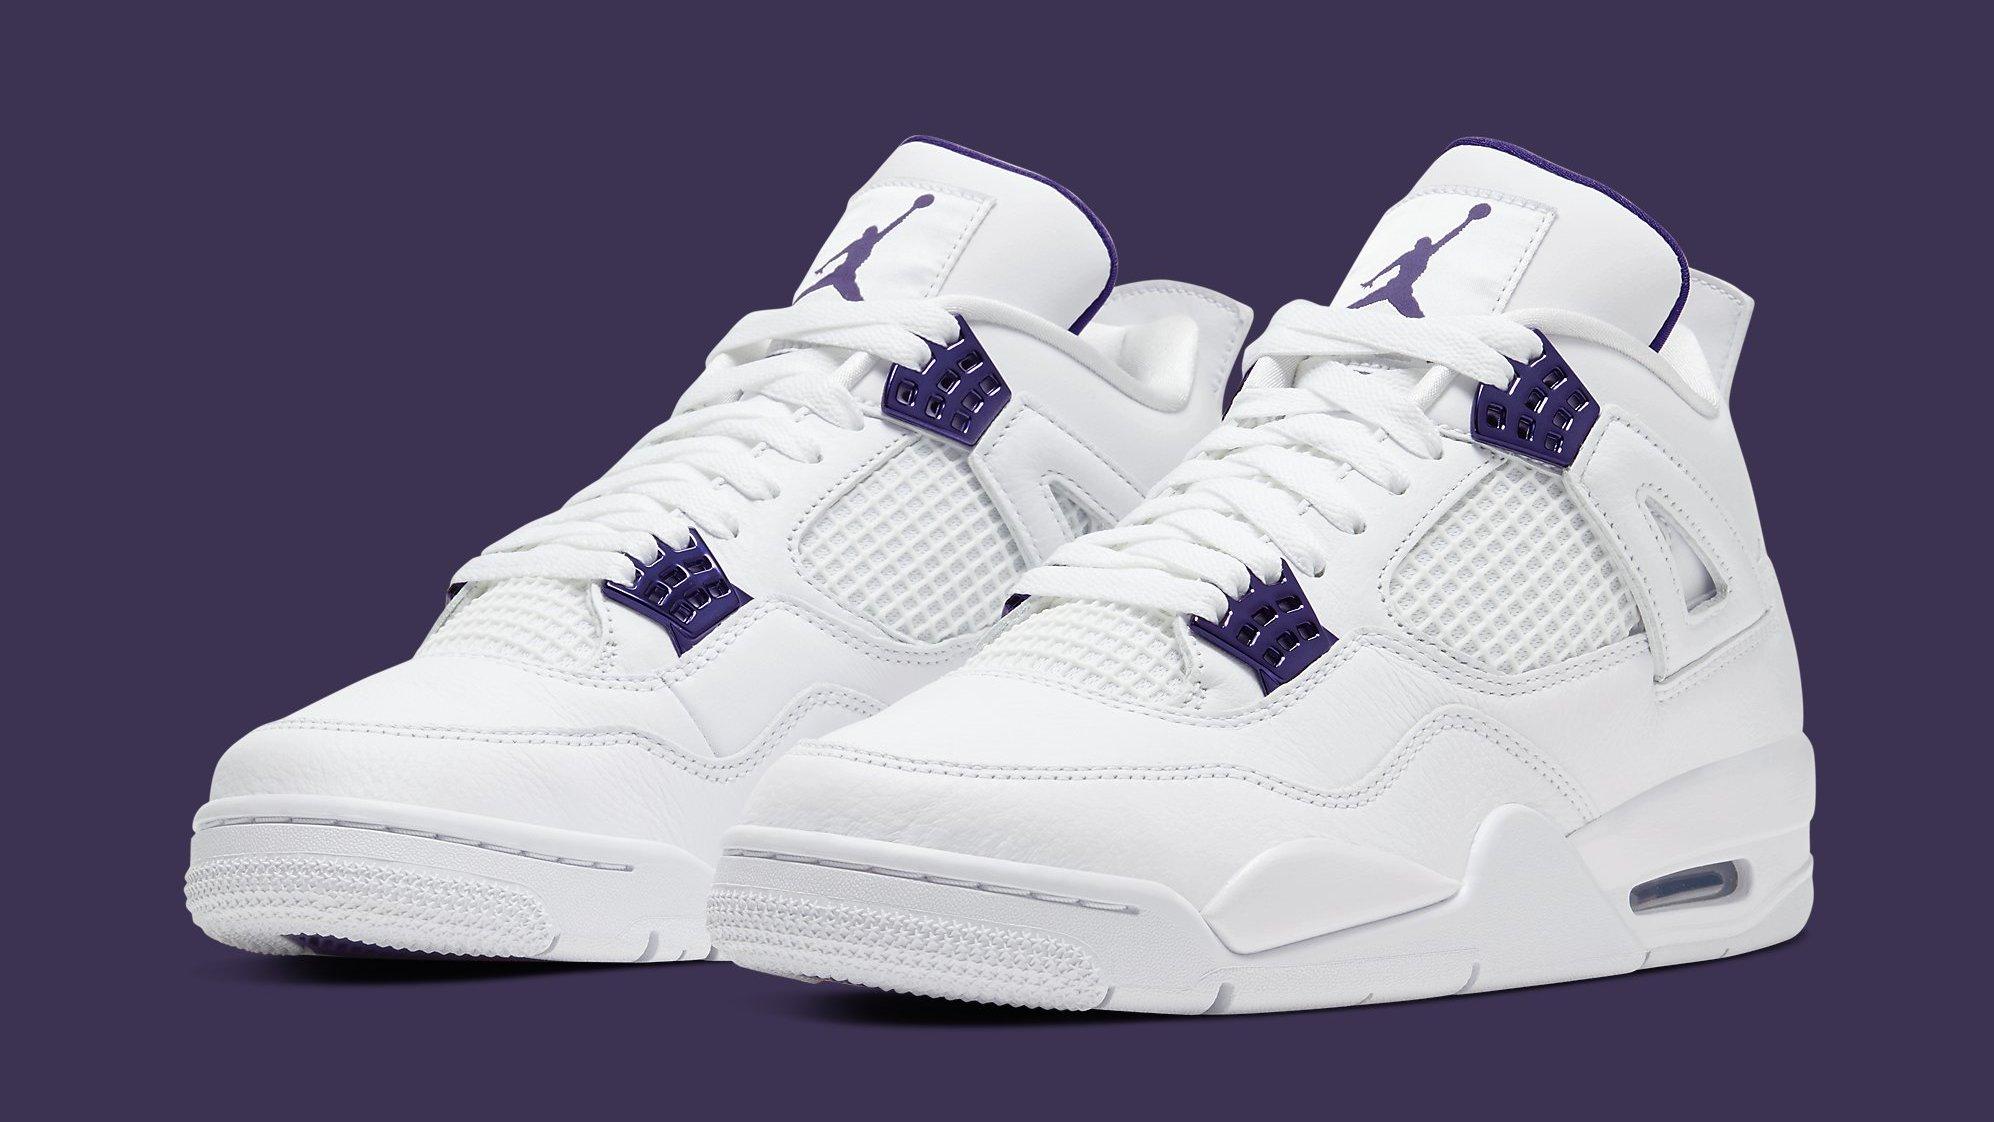 Air Jordan 4 Retro 'Metallic Purple' Release Date CT8527-115 ...